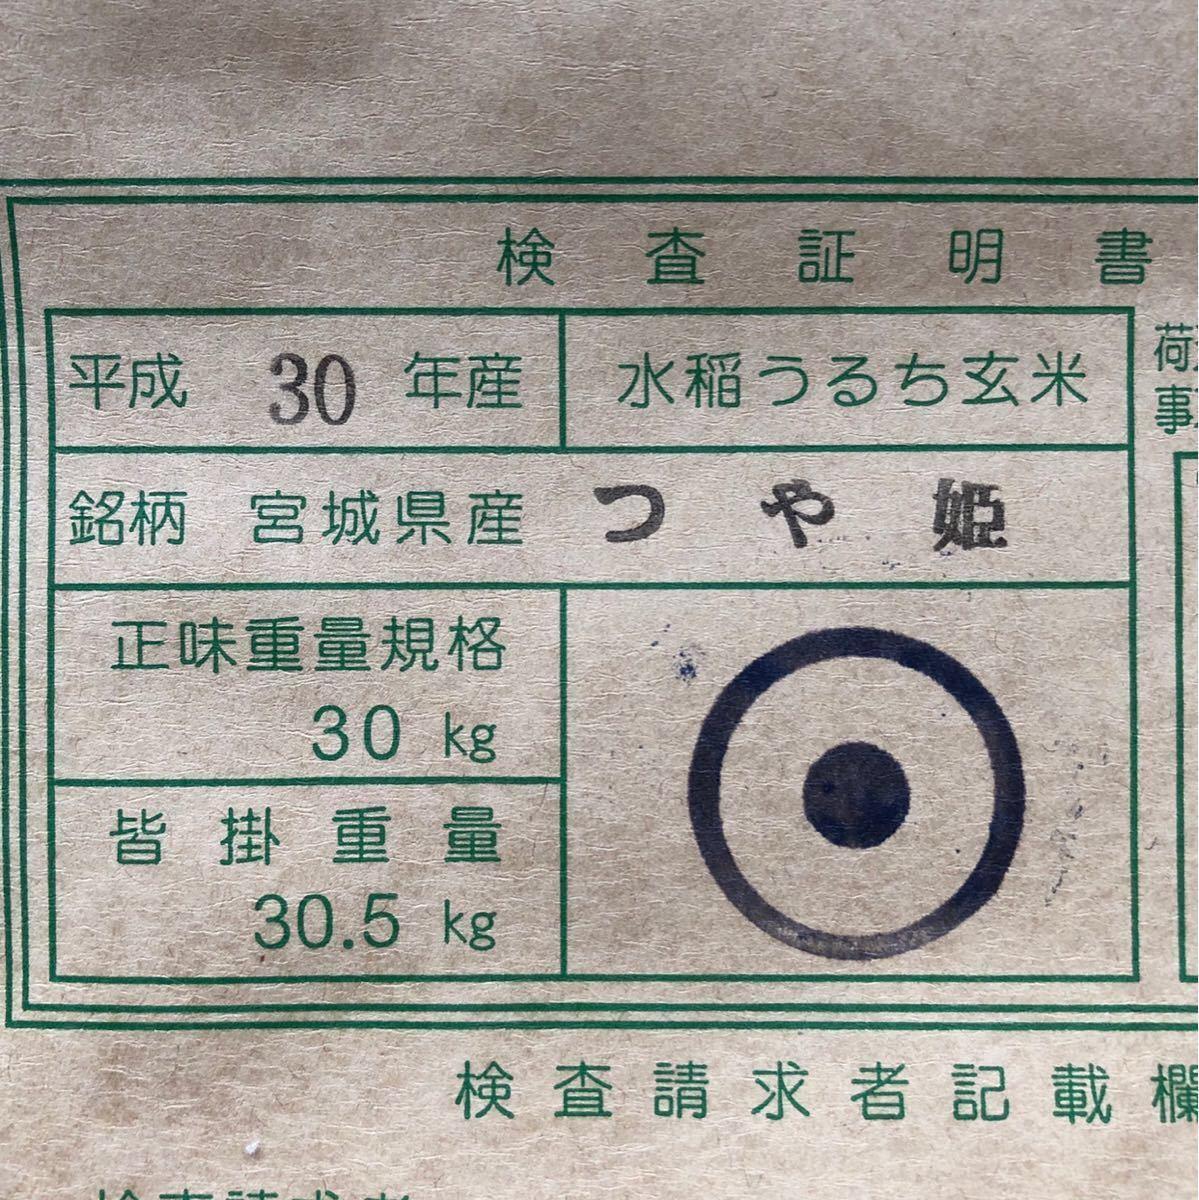 検査1等米! 平成30年産 宮城県 つや姫 玄米 30kg 特Aランク取得! 精米専用 精米加工後3袋に小分けして発送します!